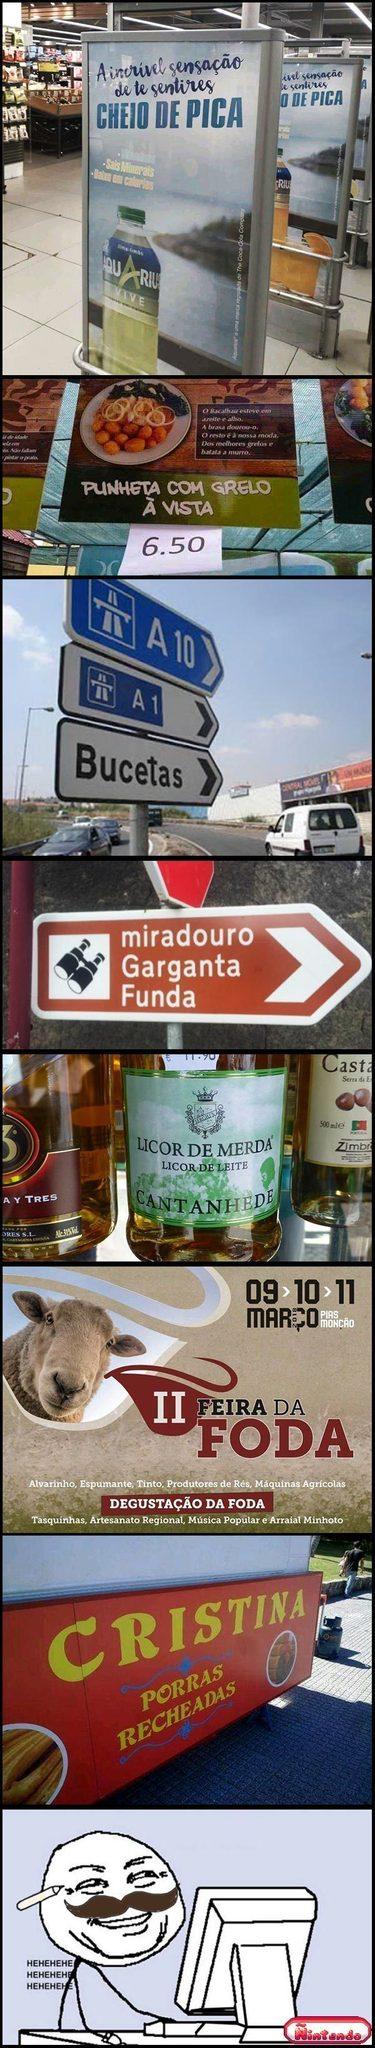 Eu não teria maturidade p/ morar em Portugal kkk - meme